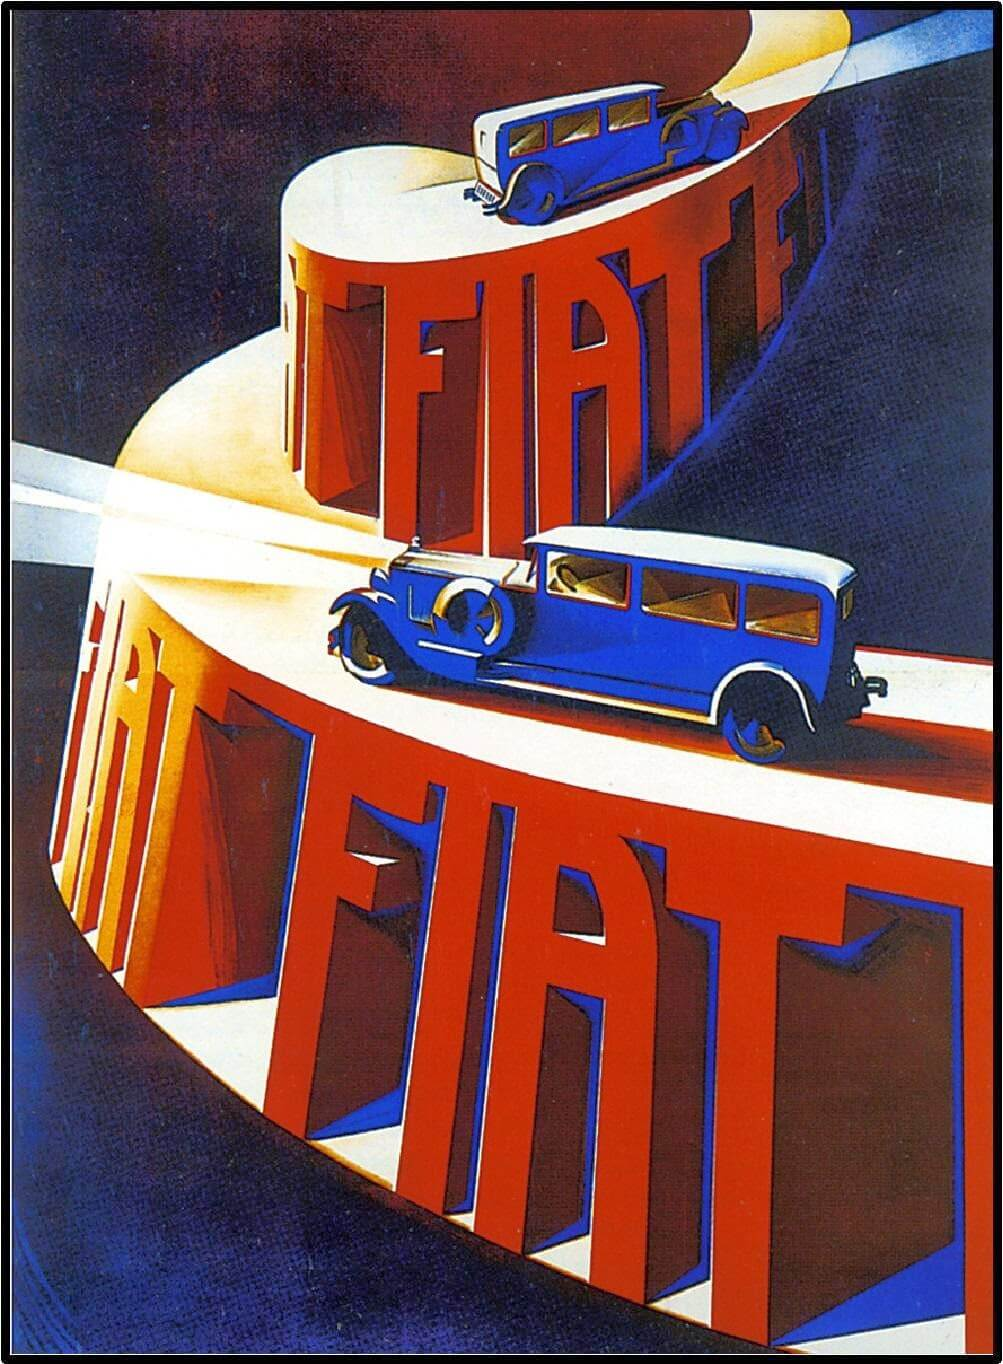 pubblicità fascista dell'industria automobilistica italiana